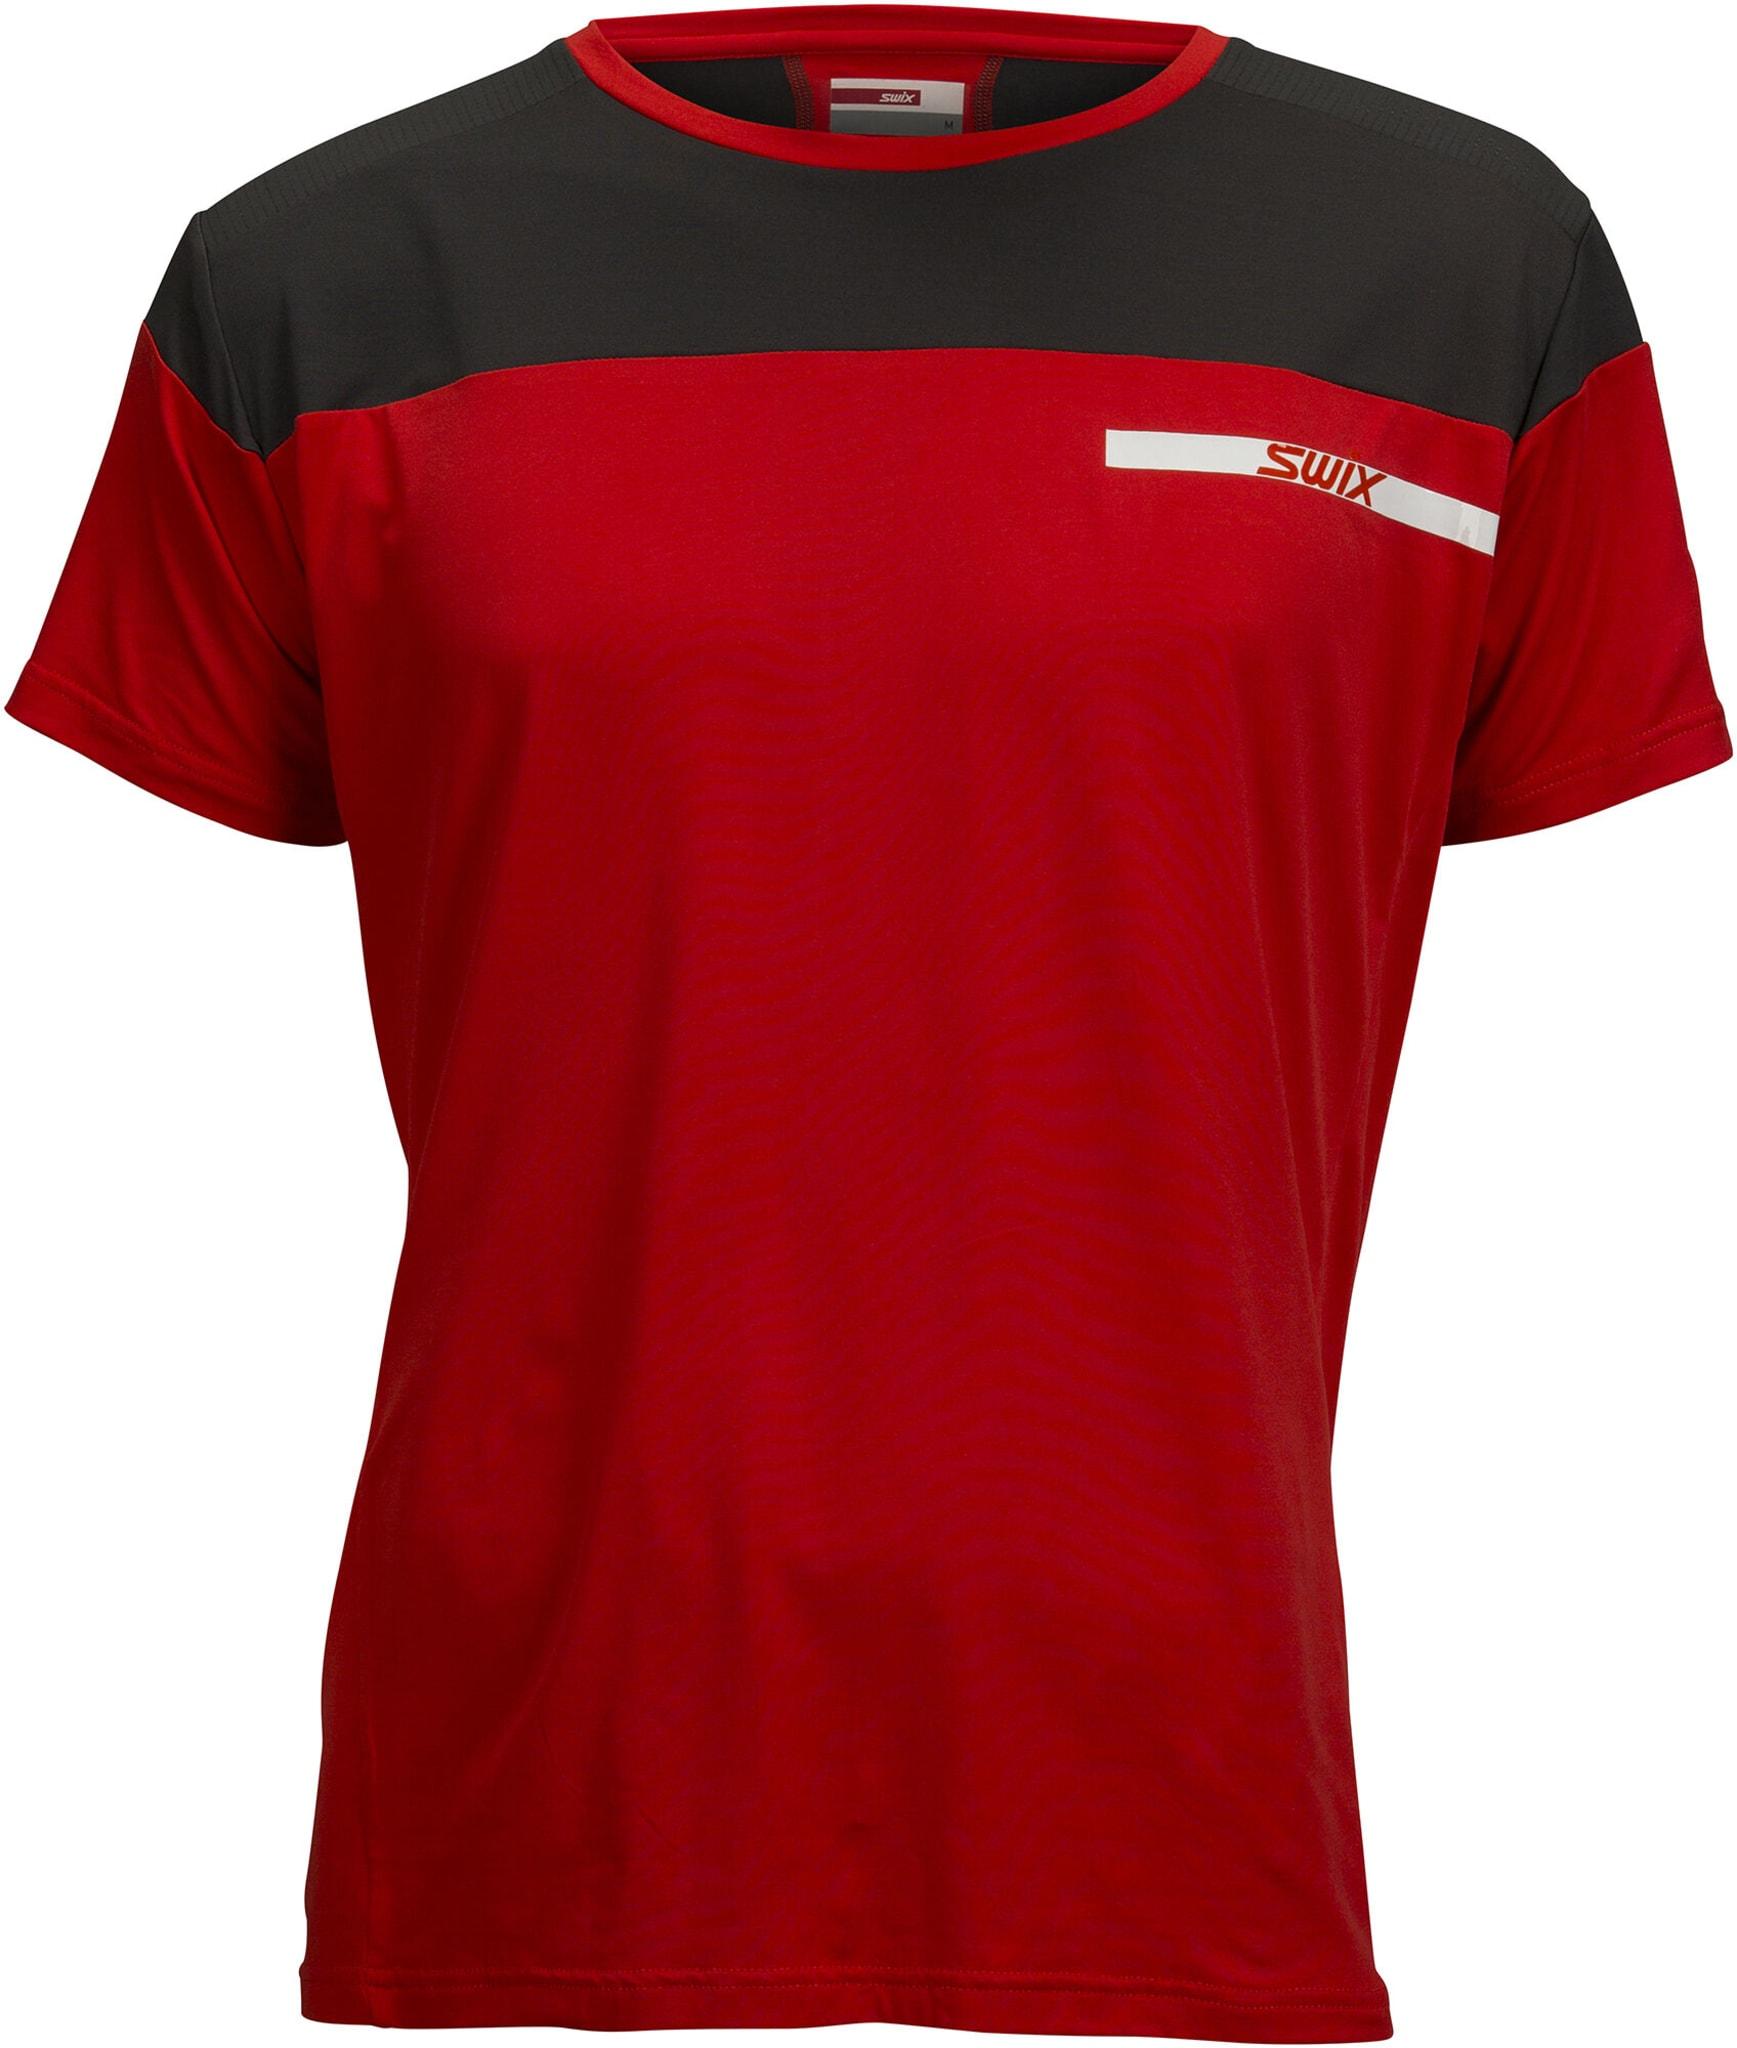 En veldig elastisk, lett, luftig og teknisk avansert trenings T-skjorte.